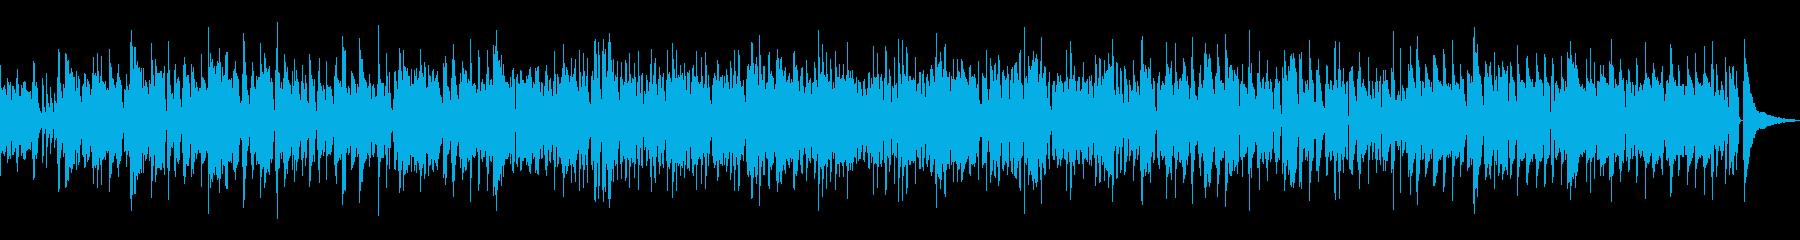 ジャズラウンジピアノトリオでスウィングの再生済みの波形